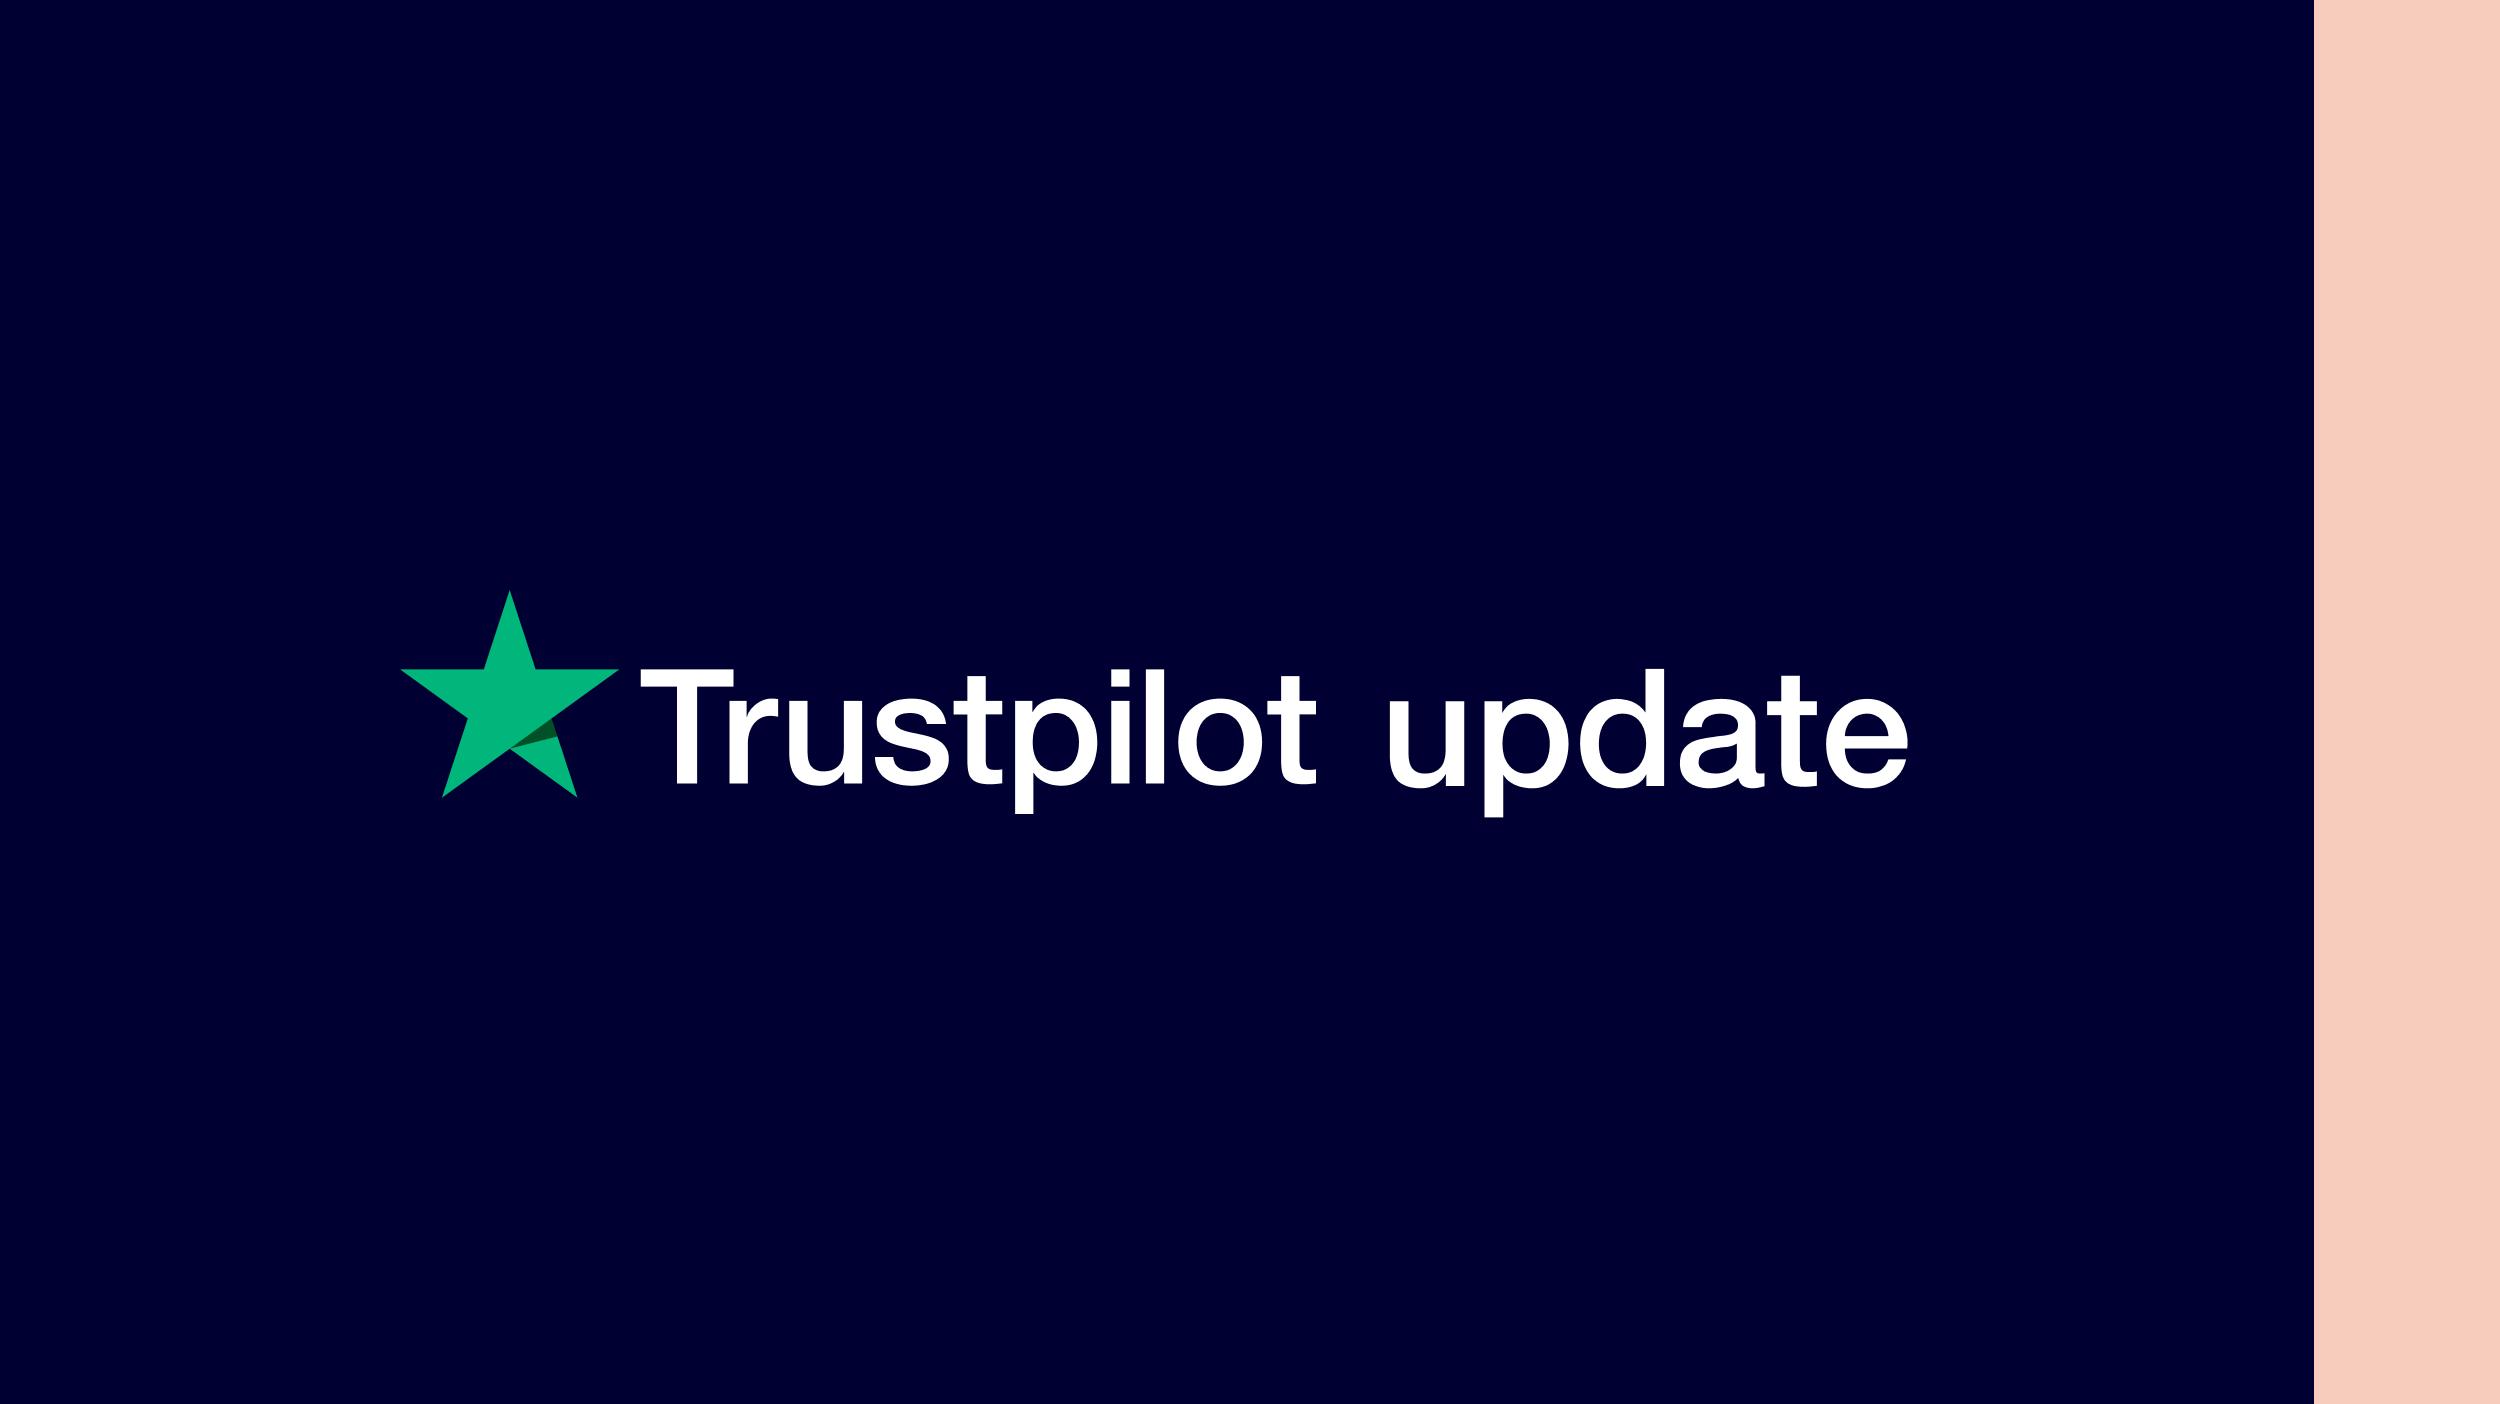 product updates Trustpilot 2019